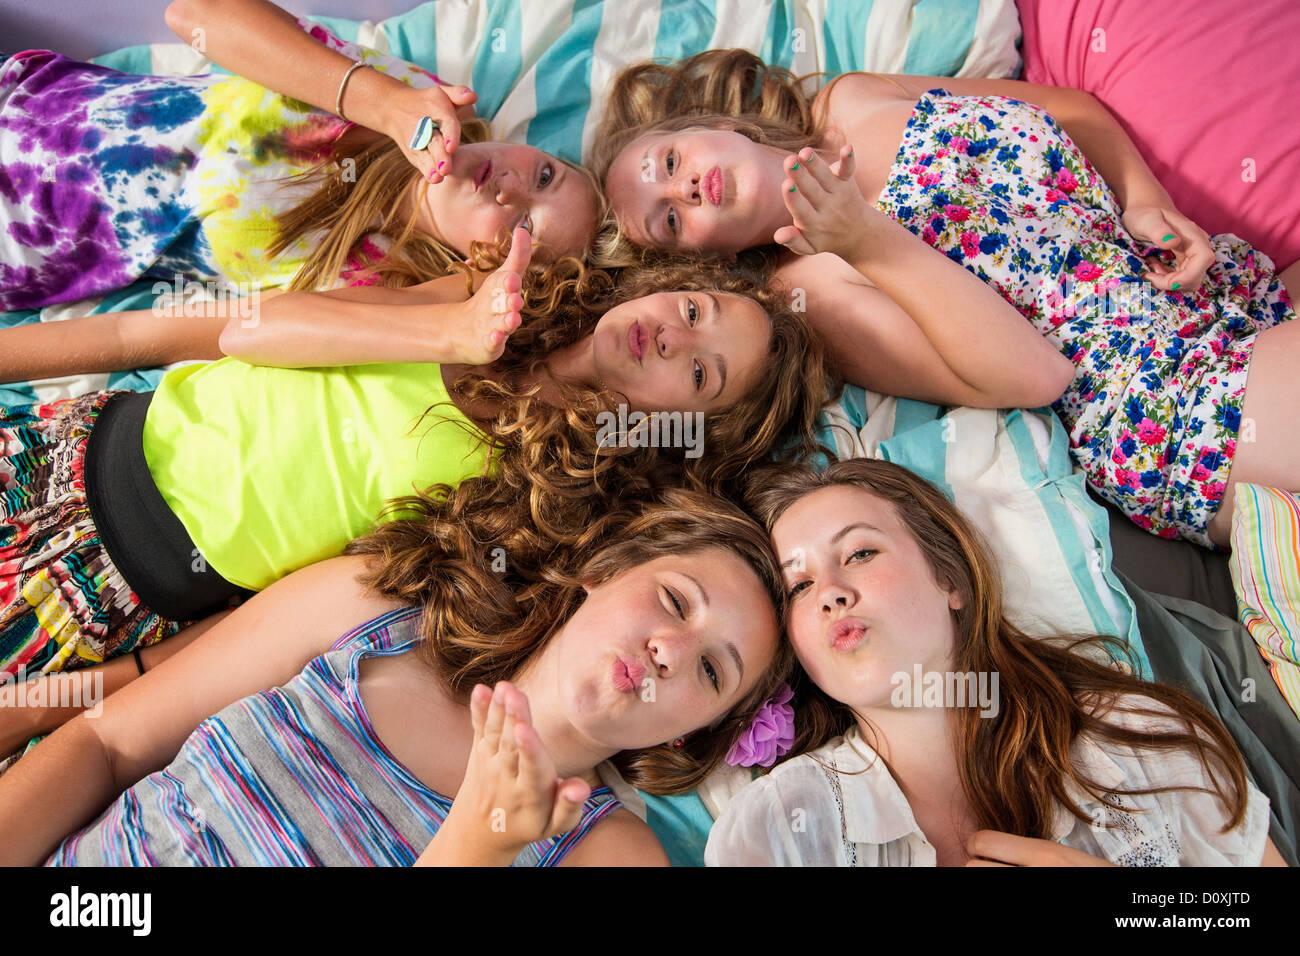 Las niñas tumbado en la cama, mandando besos Imagen De Stock